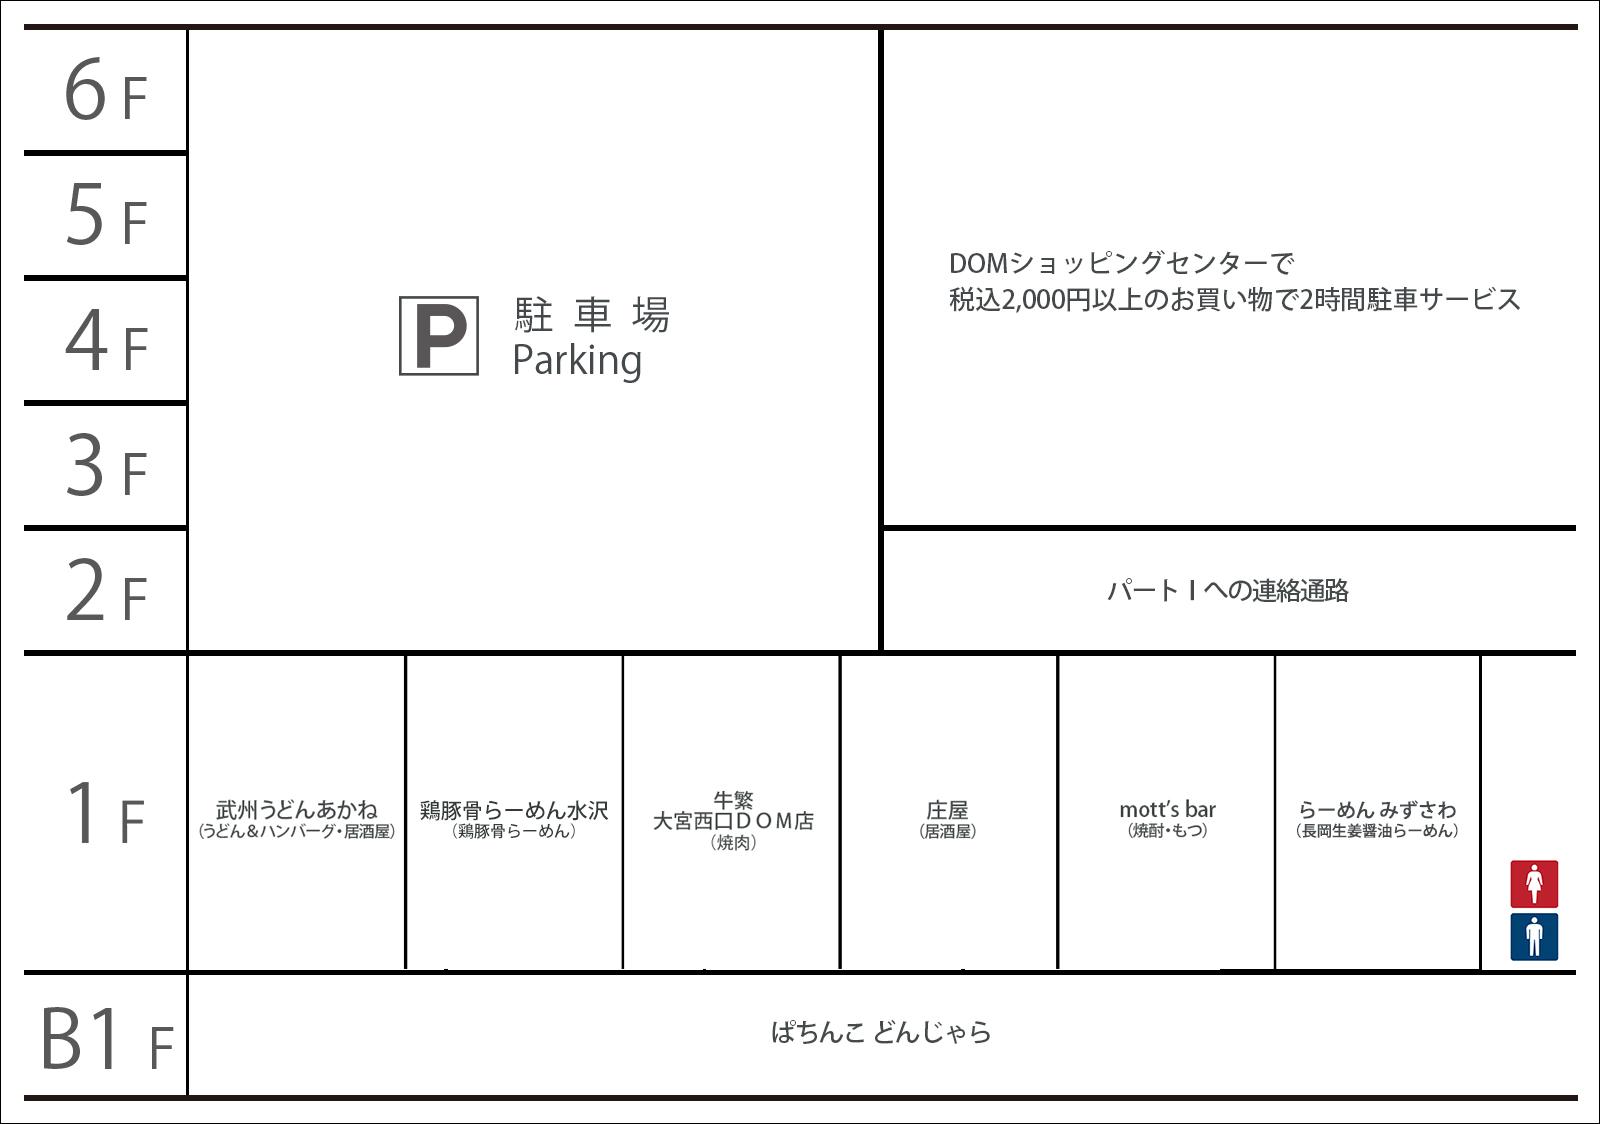 DOM PART1 階層案内図